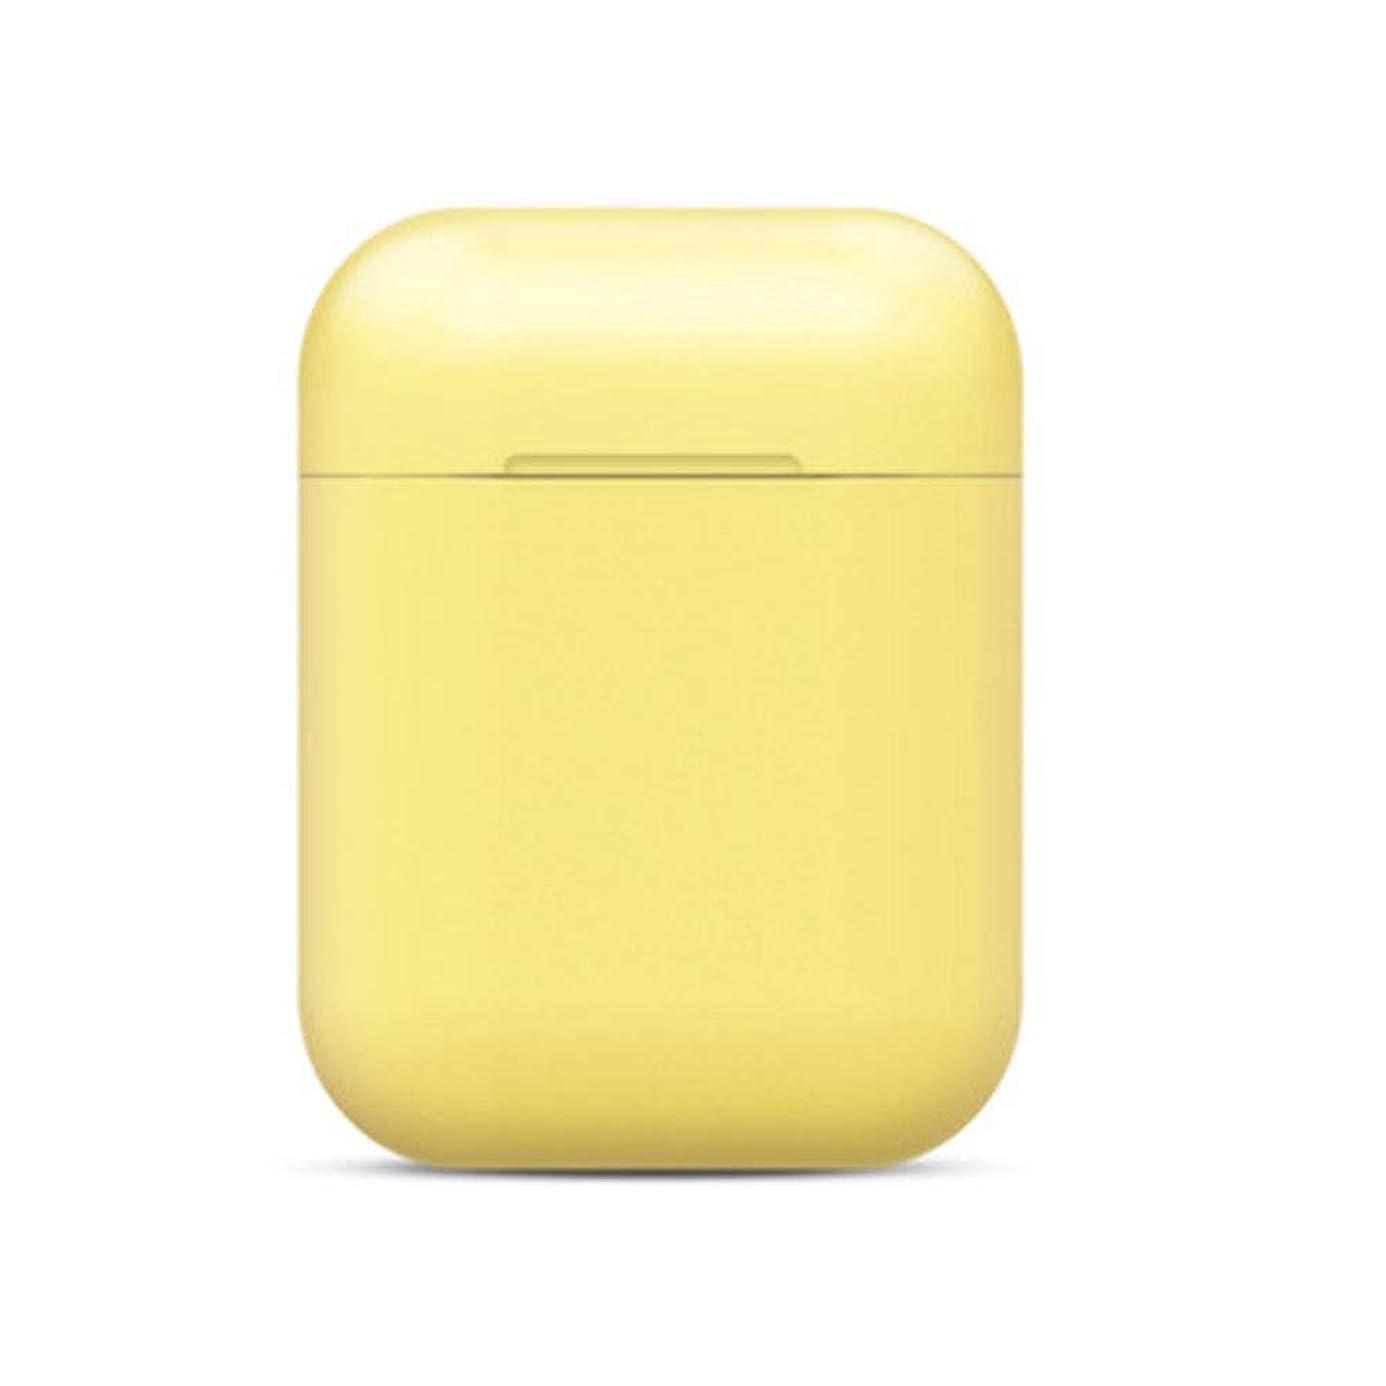 文字通りソート涙が出るYoushangshipin001 ヘッドホンカバー、新しいミニマリストデザインスタイルのイヤホン収納ボックス、超薄型シェルシリコン肥厚スタイル、(グレー、から選ぶべき多くのスタイルがあります) シンプルでかっこいい (Color : Yellow 11)